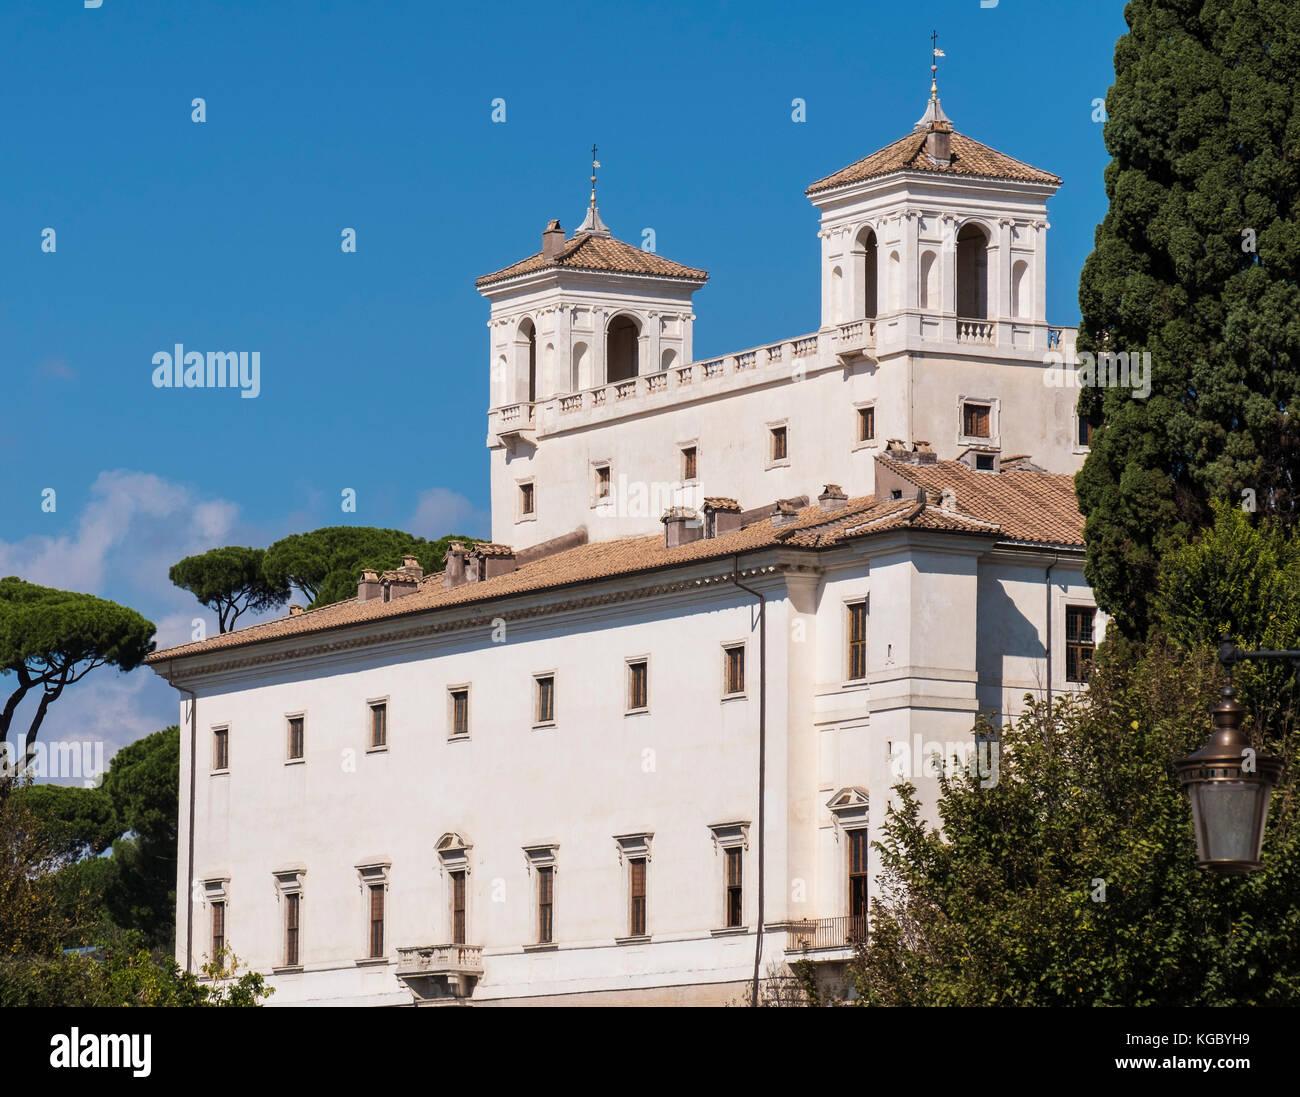 Villa medici rome stock photos villa medici rome stock images alamy - Villa medicis rome chambres ...